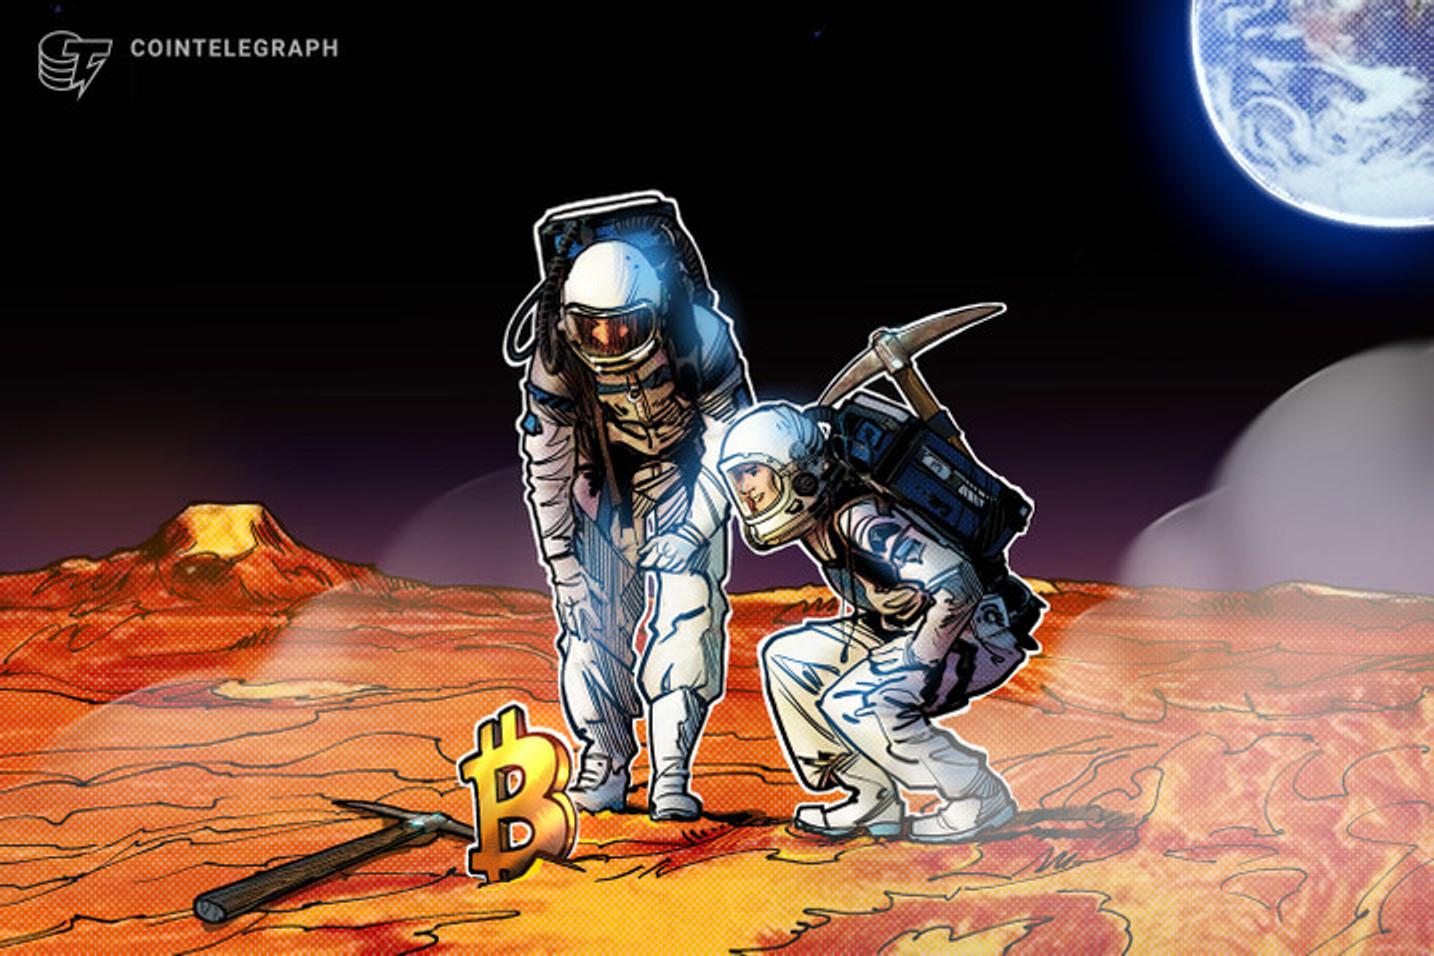 Conheça NÜWA a capital de Marte, baseada em criptomoedas, autossustentável e sem seguir as regras da Terra